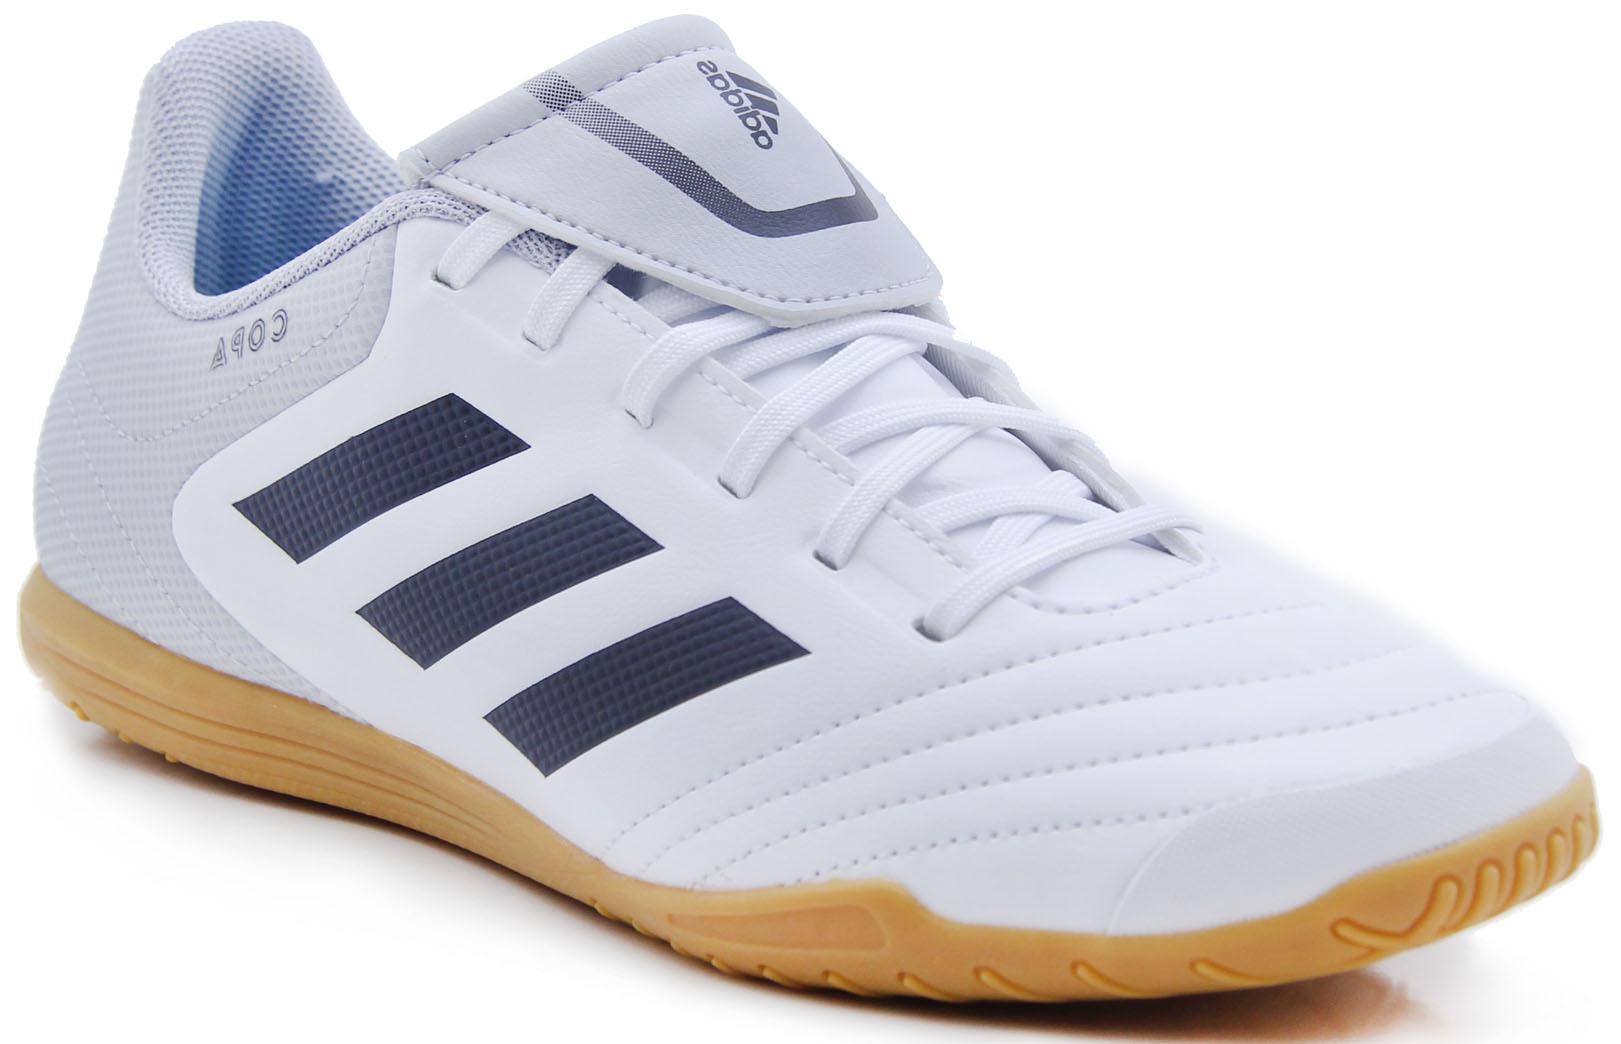 Бутсы для футзала мужские Adidas Copa 17.4 IN, цвет: белый, черный. S77149. Размер 6,5 (38,5)S77149Футбольные бутсы для зала выполнены из мягкой синтетической кожи. Подошва полностью регулируемая. Модель разработана для покрытия для мини-футбола.